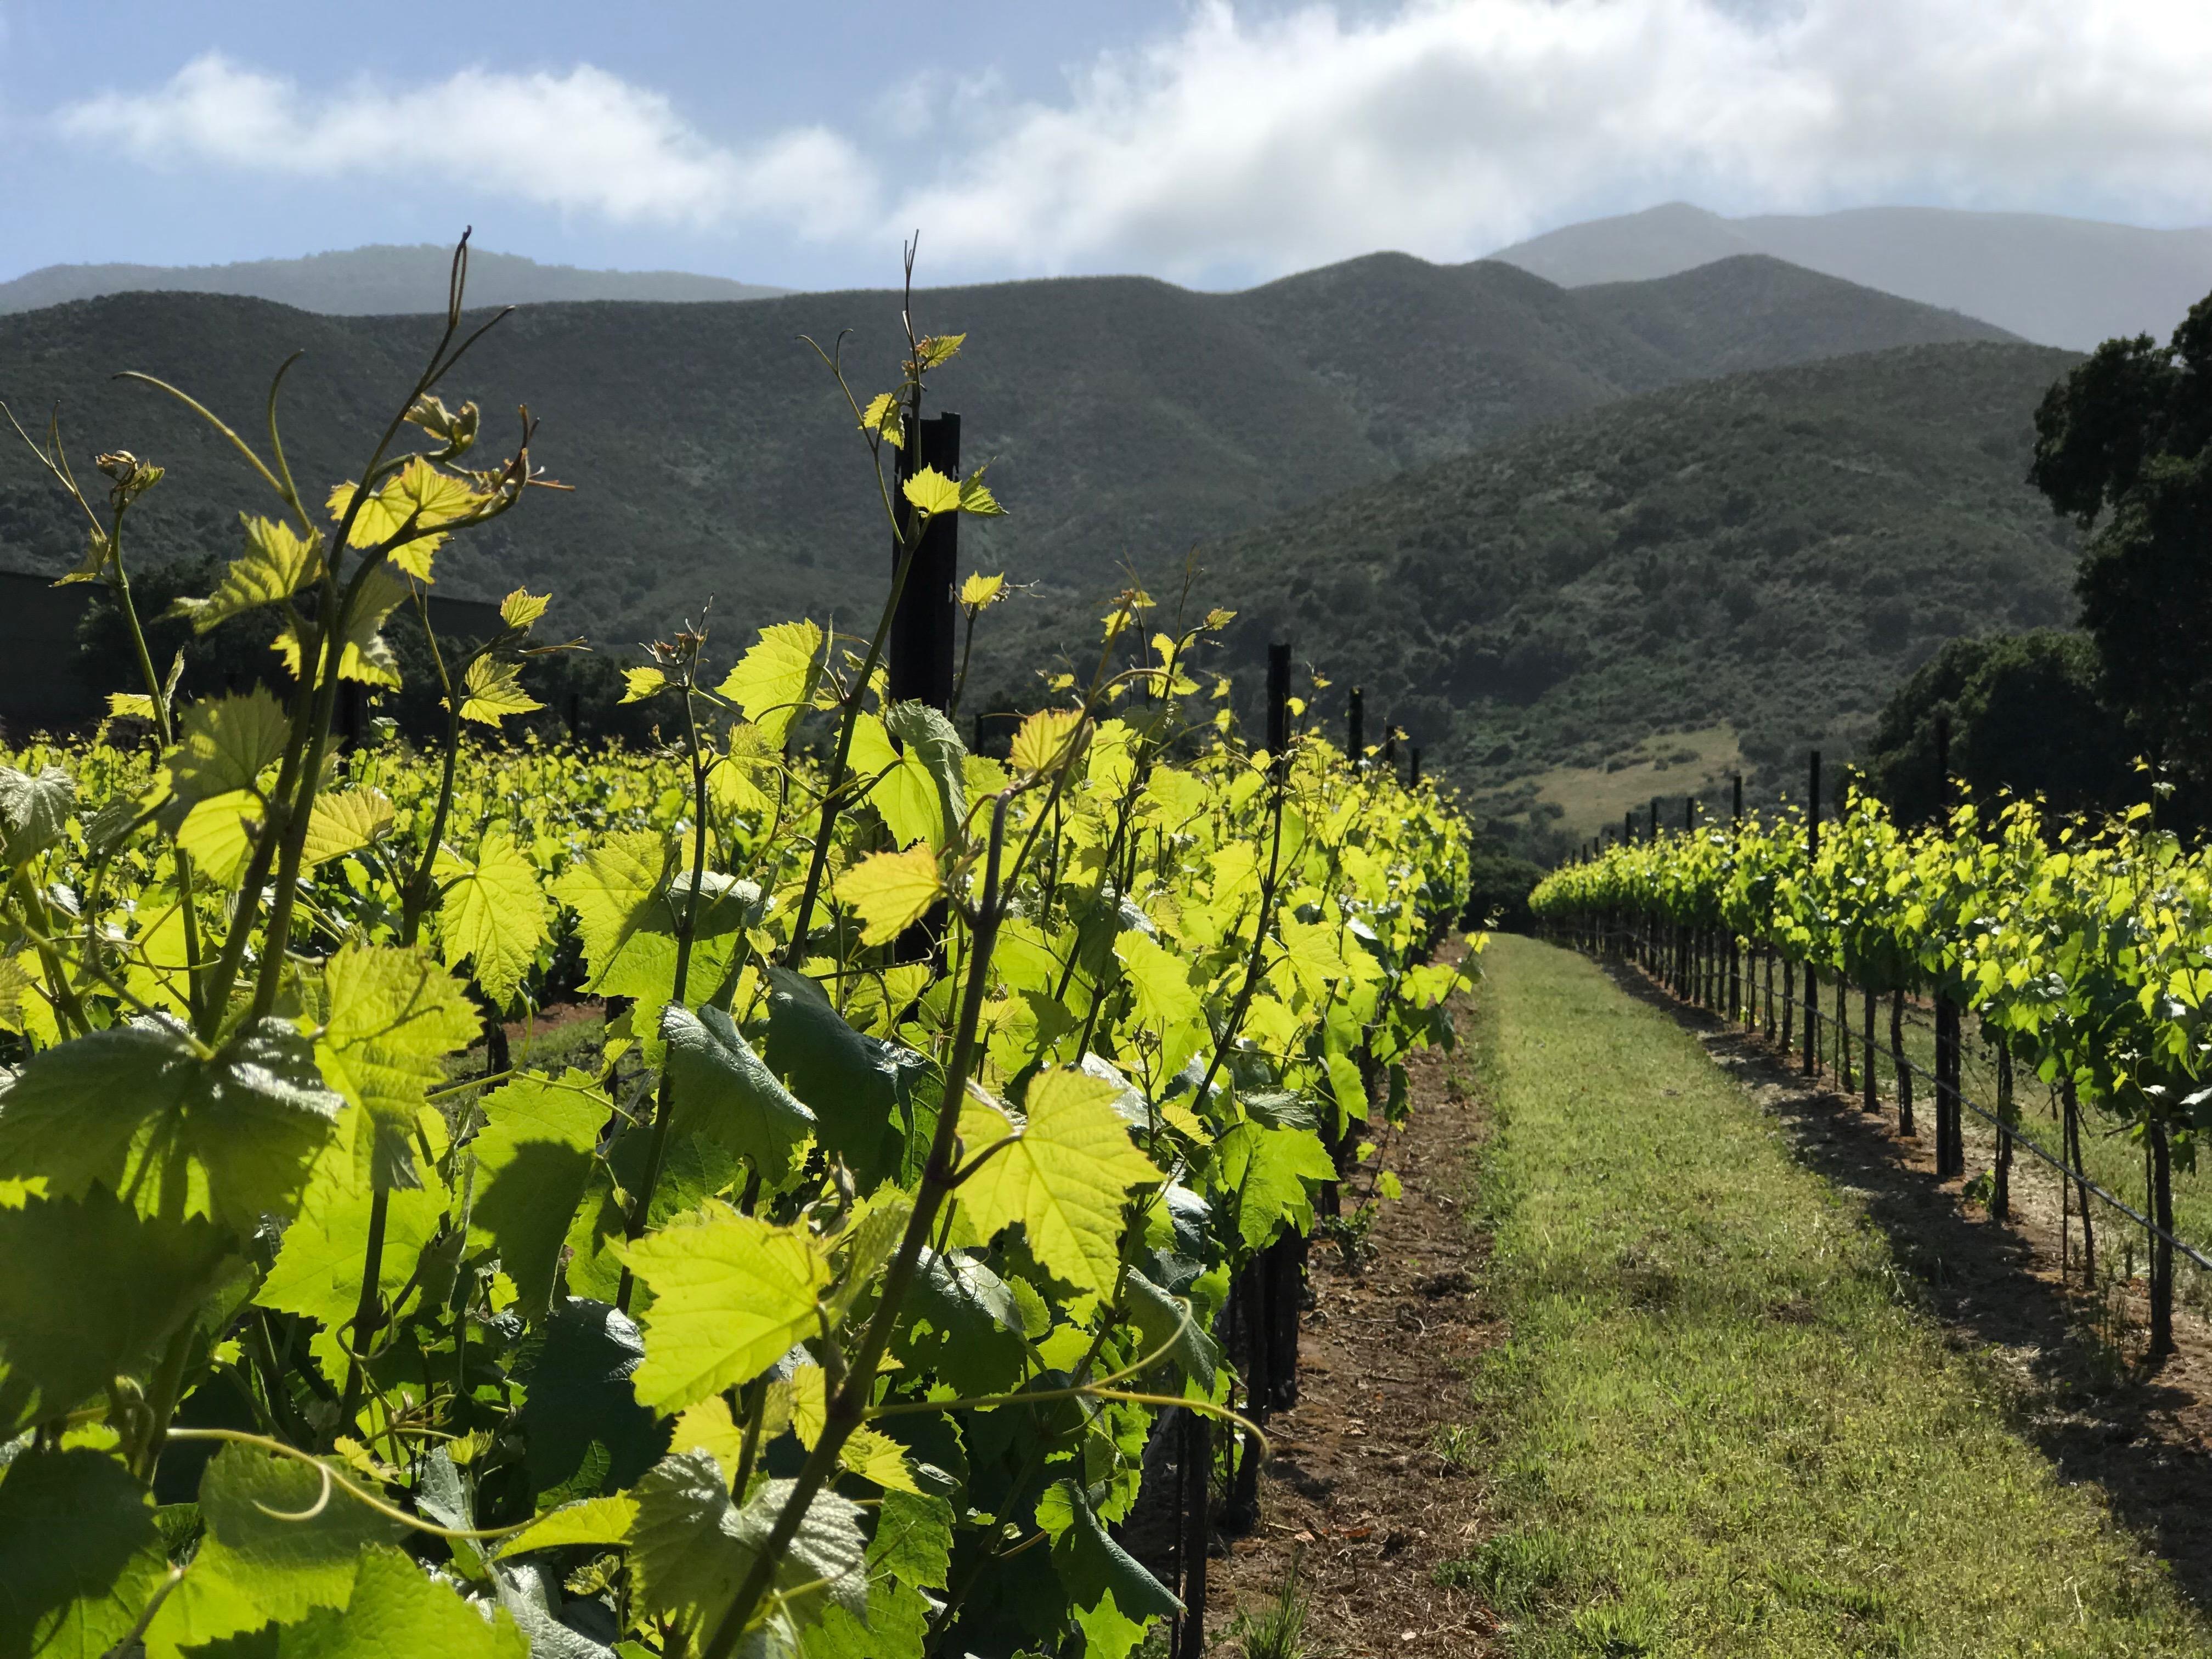 ◆終了◆ 2019.06.22   南カリフォルニアワインを楽しむ会 第10回 【モントレーとテメキュラ】